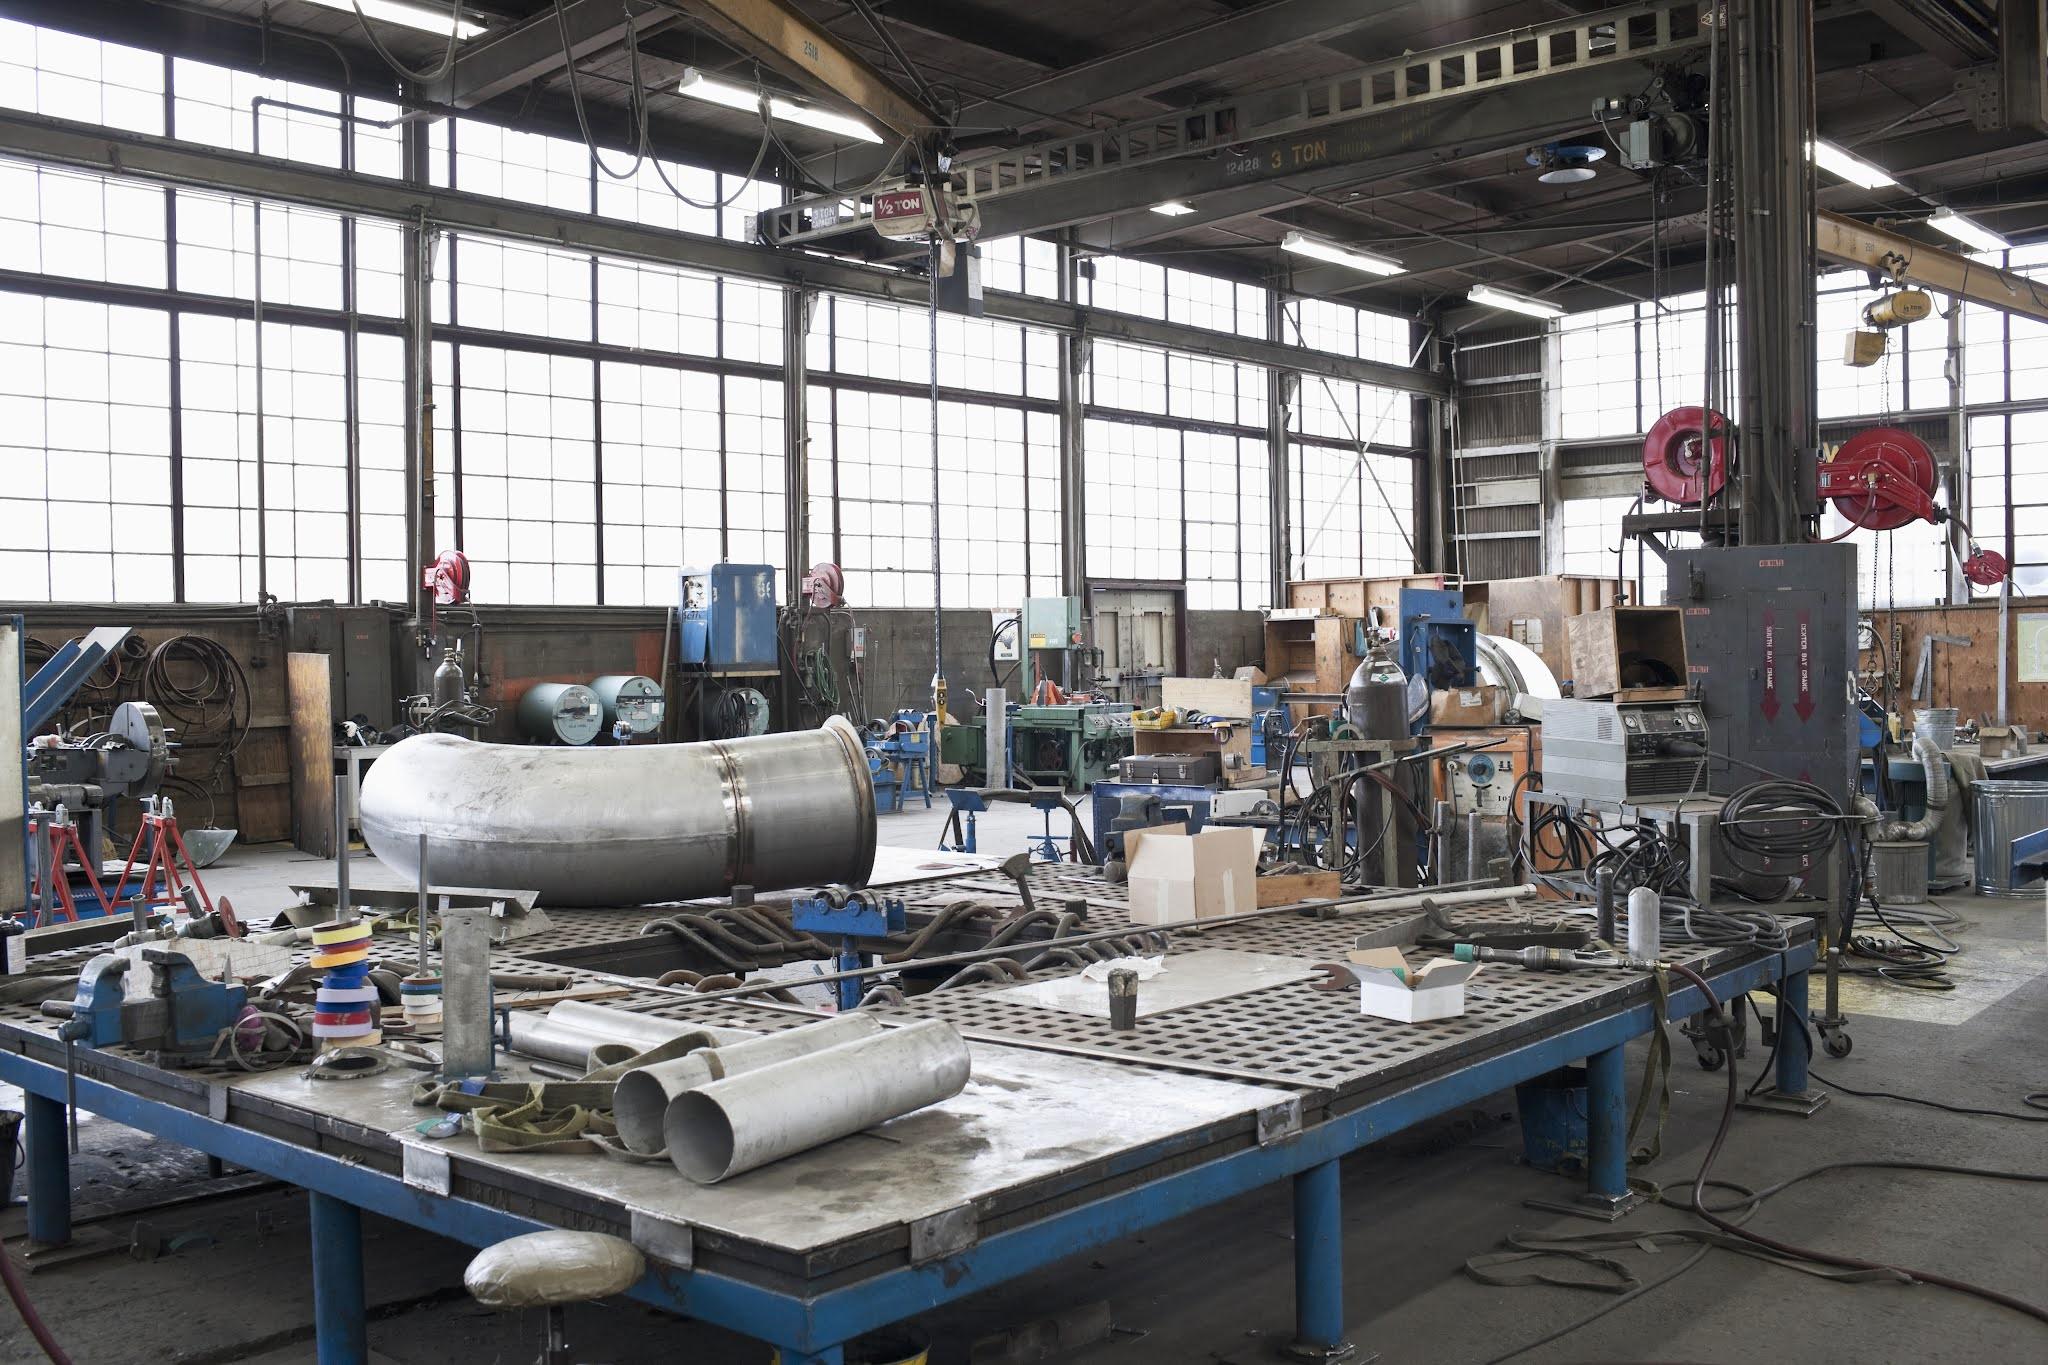 تقارير تؤكد تصدر الصين China لقائمة الصدارة العالمية في صناعة الآلات